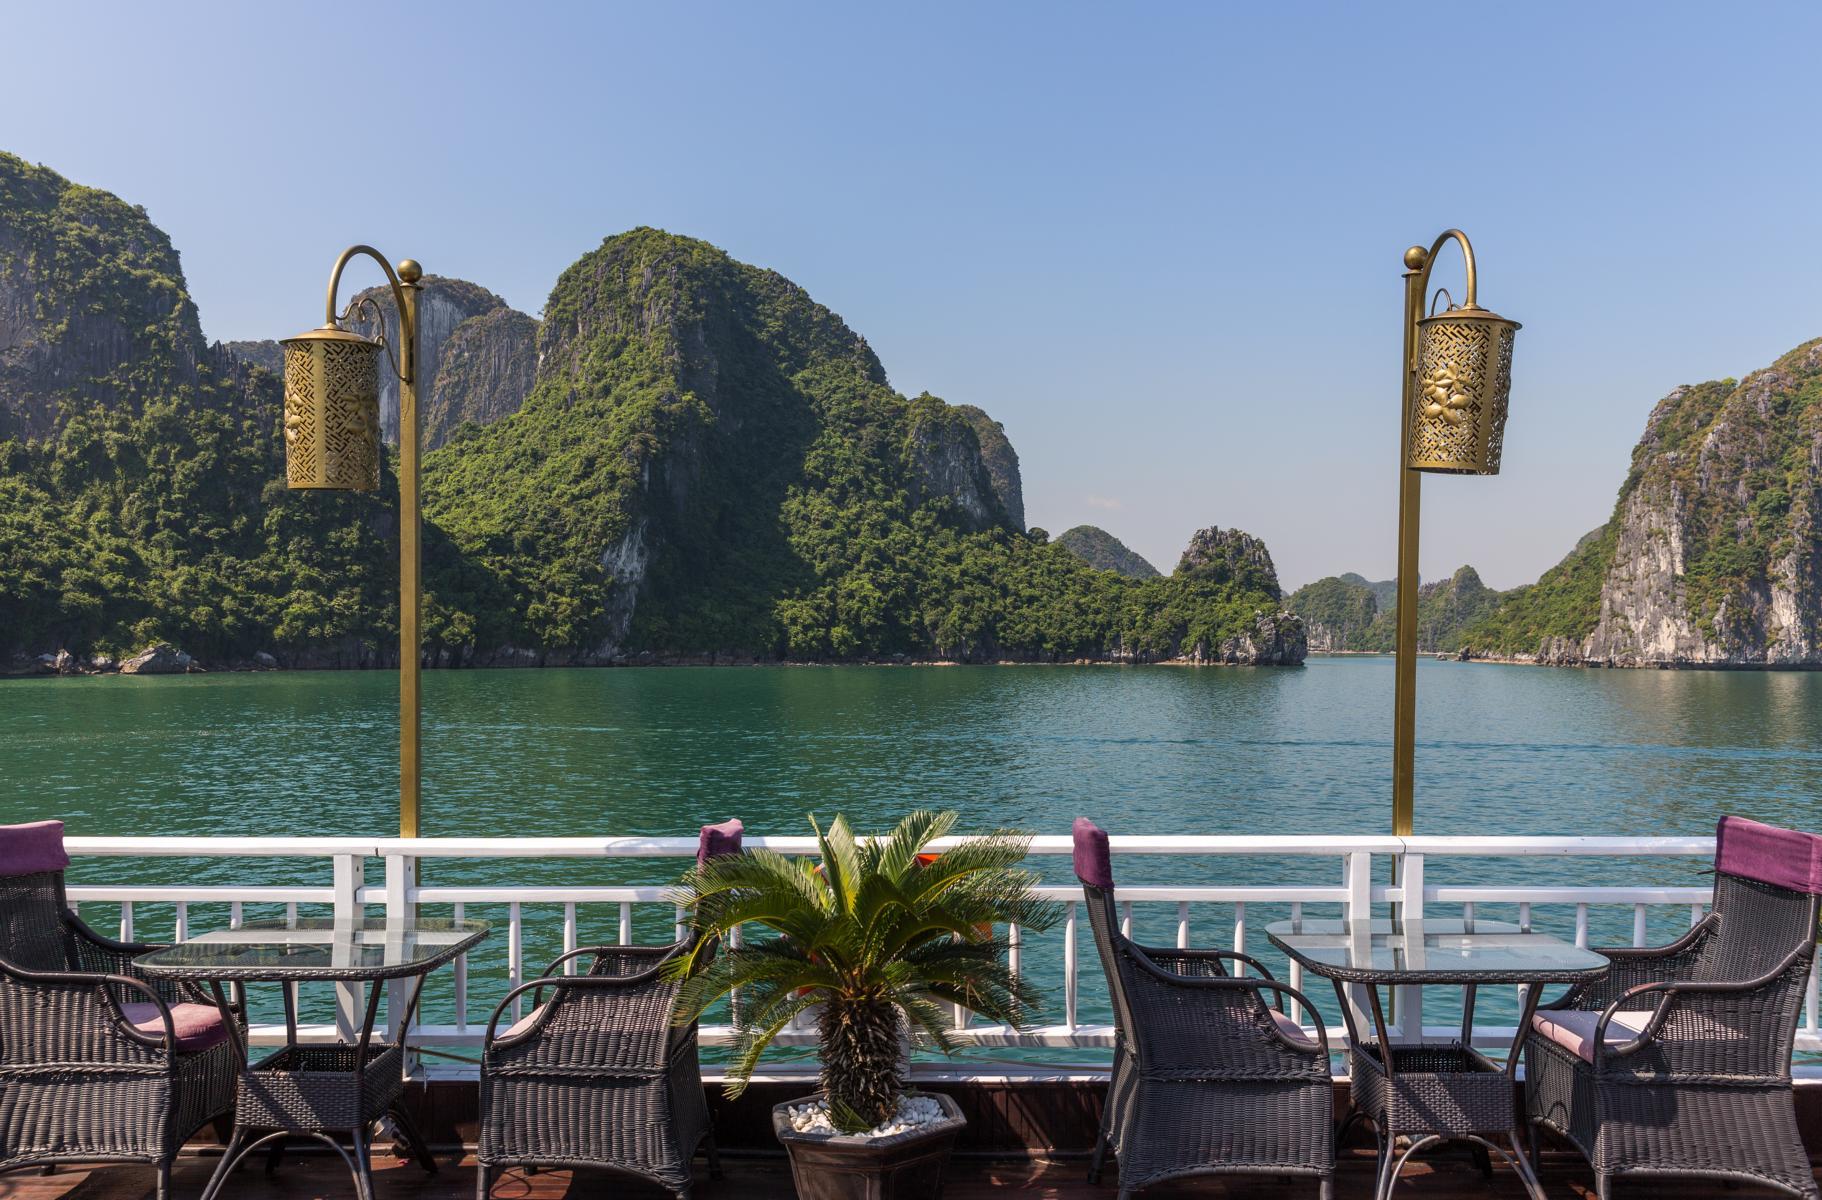 Ausblick von Deck der Jasmine der Heritage Line in der Halong Bucht